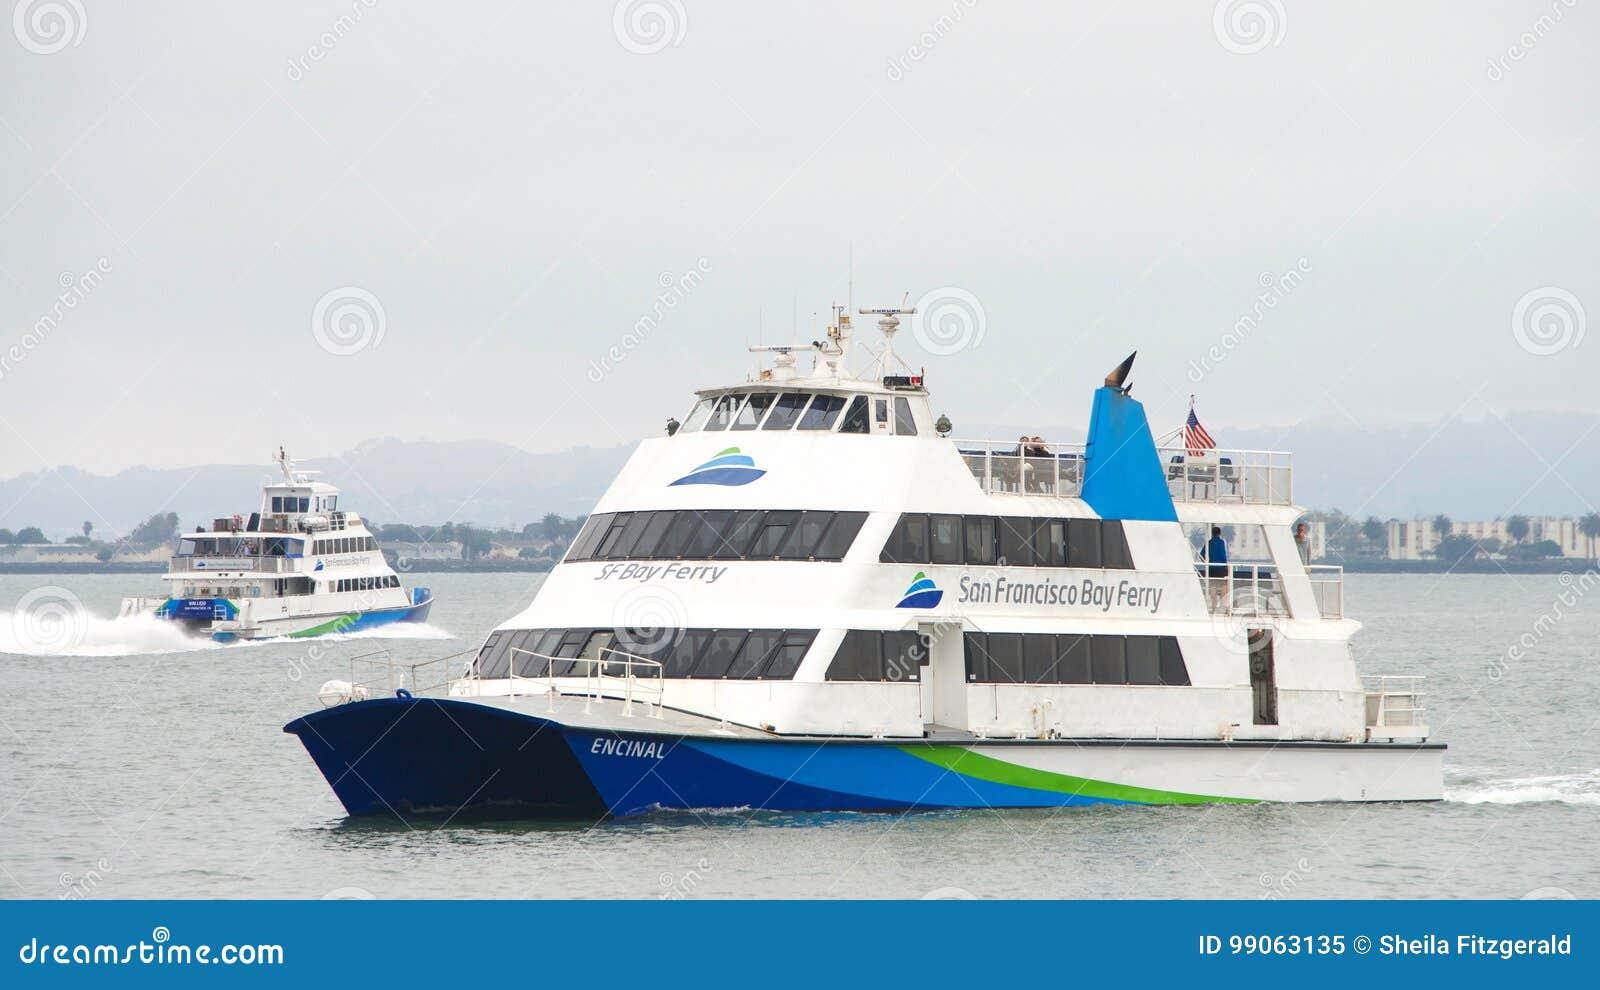 san francisco bay ferry encinal passing vallejo editorial image